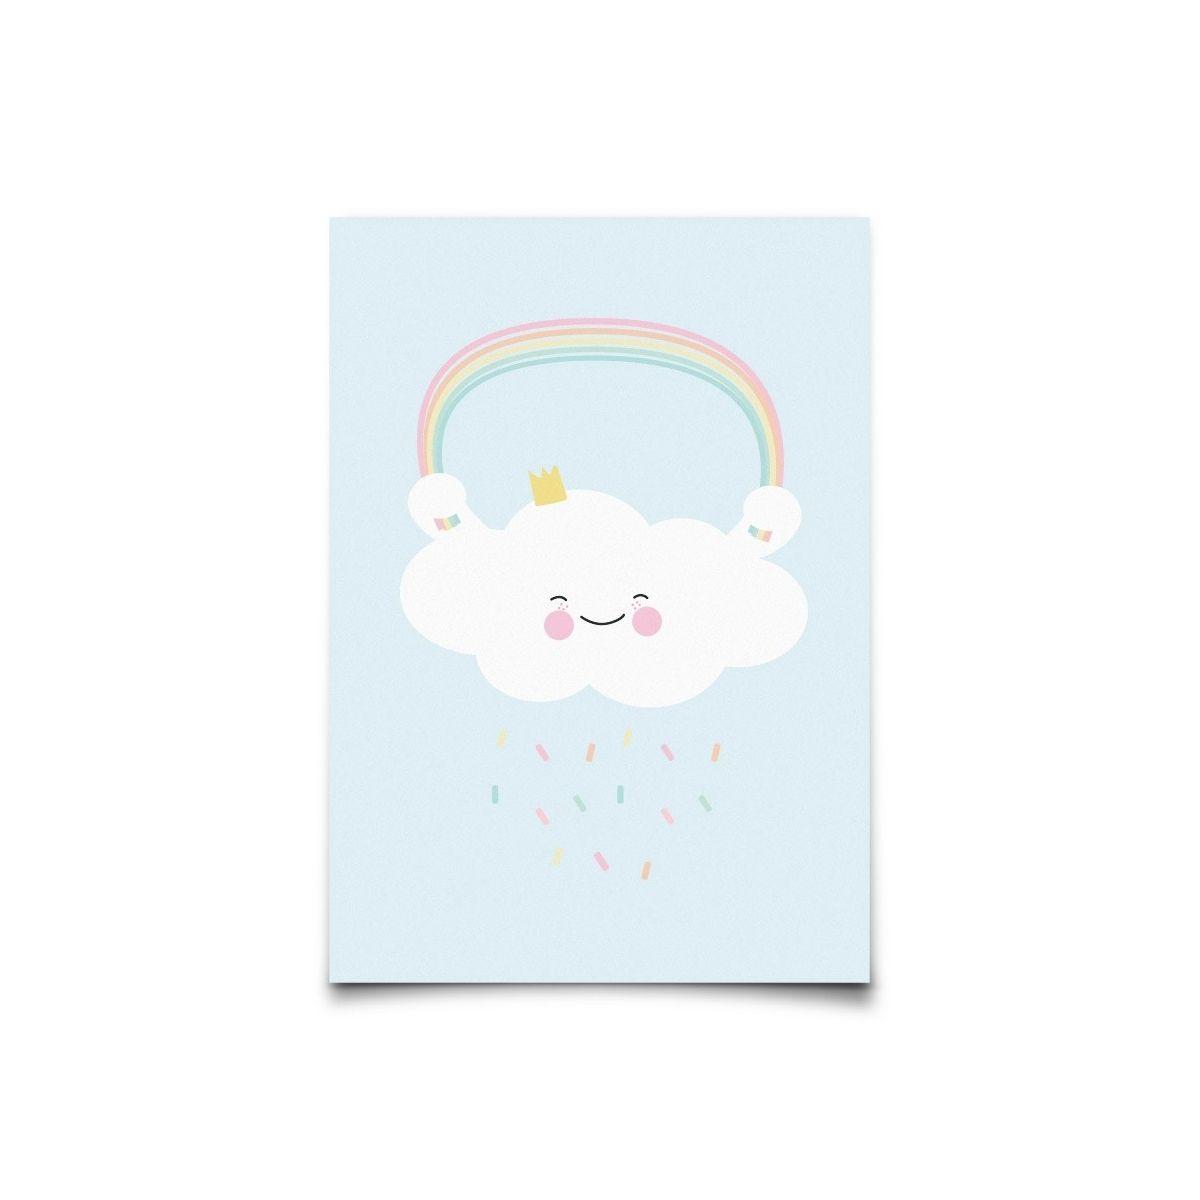 Postcard Pastelette Queen Cloud - Eef Lillemor